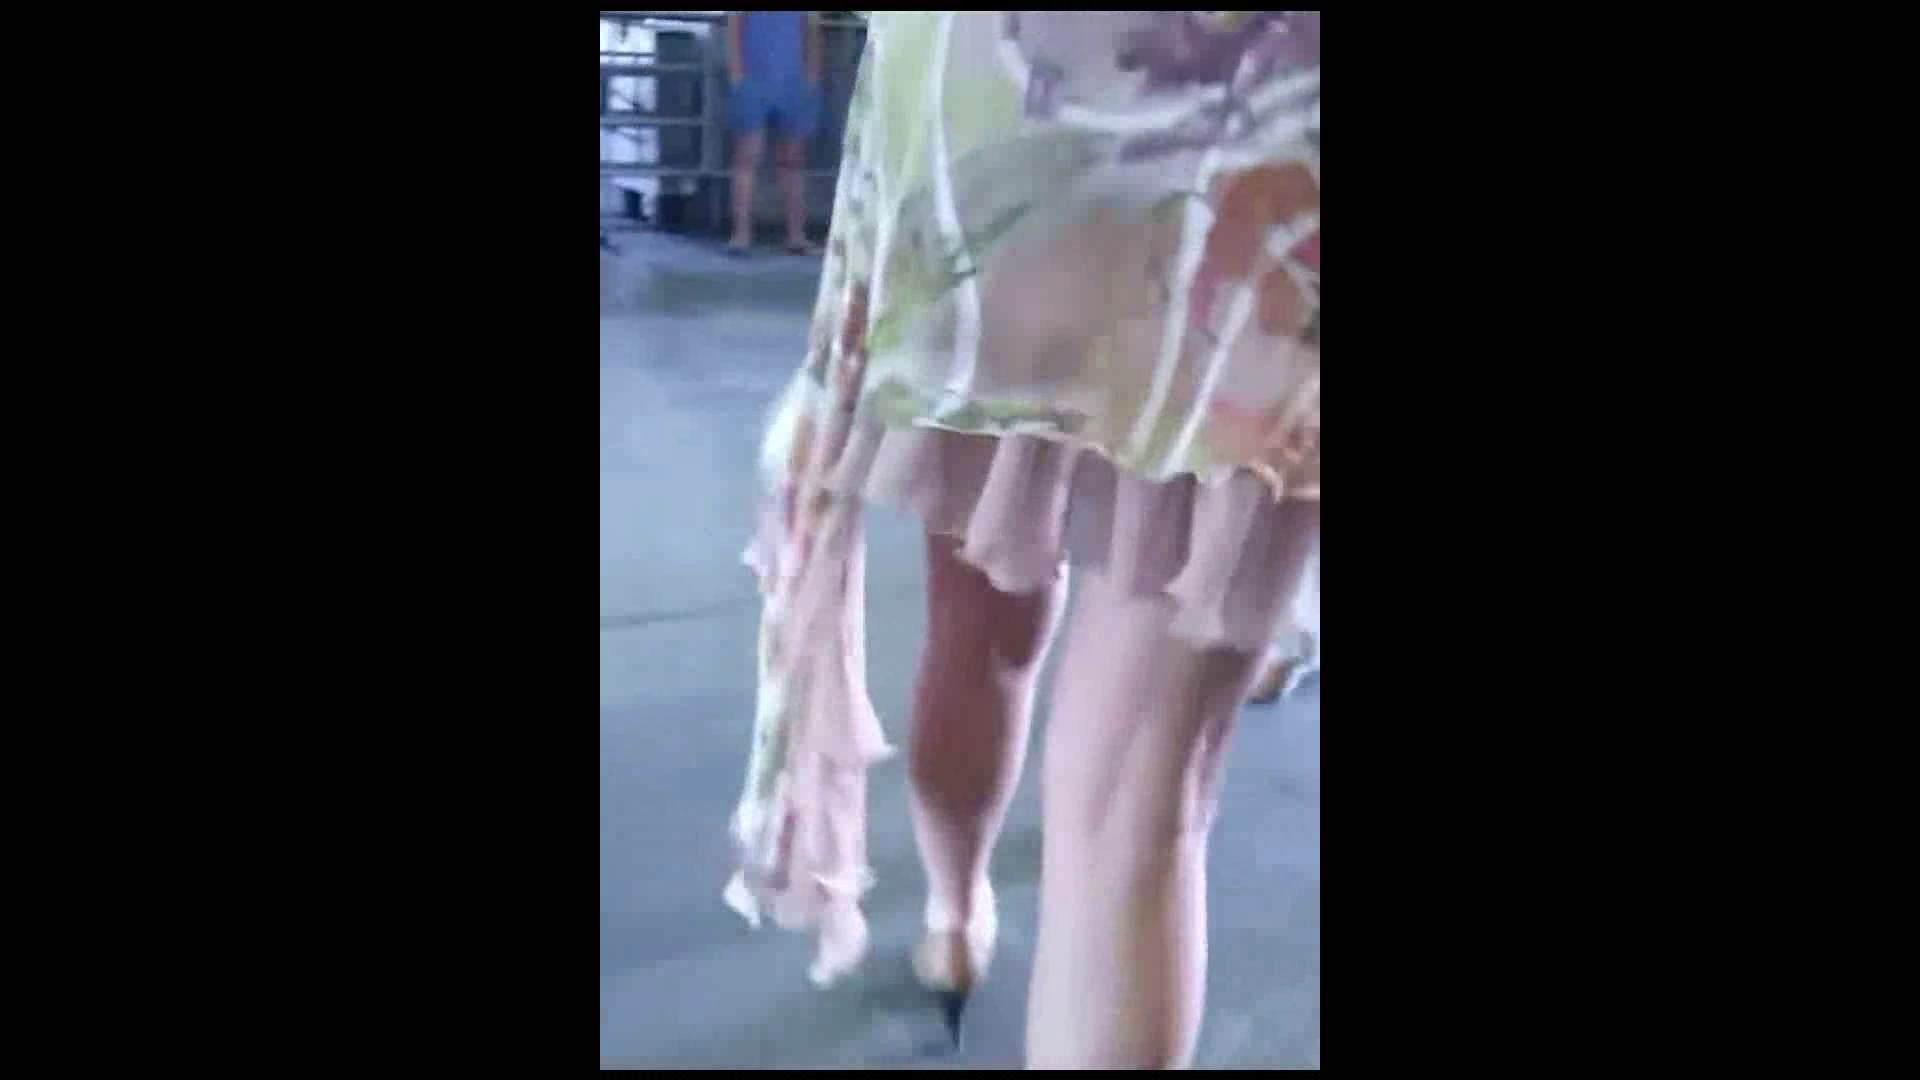 綺麗なモデルさんのスカート捲っちゃおう‼vol03 OLのエロ生活 盗み撮り動画キャプチャ 98連発 59